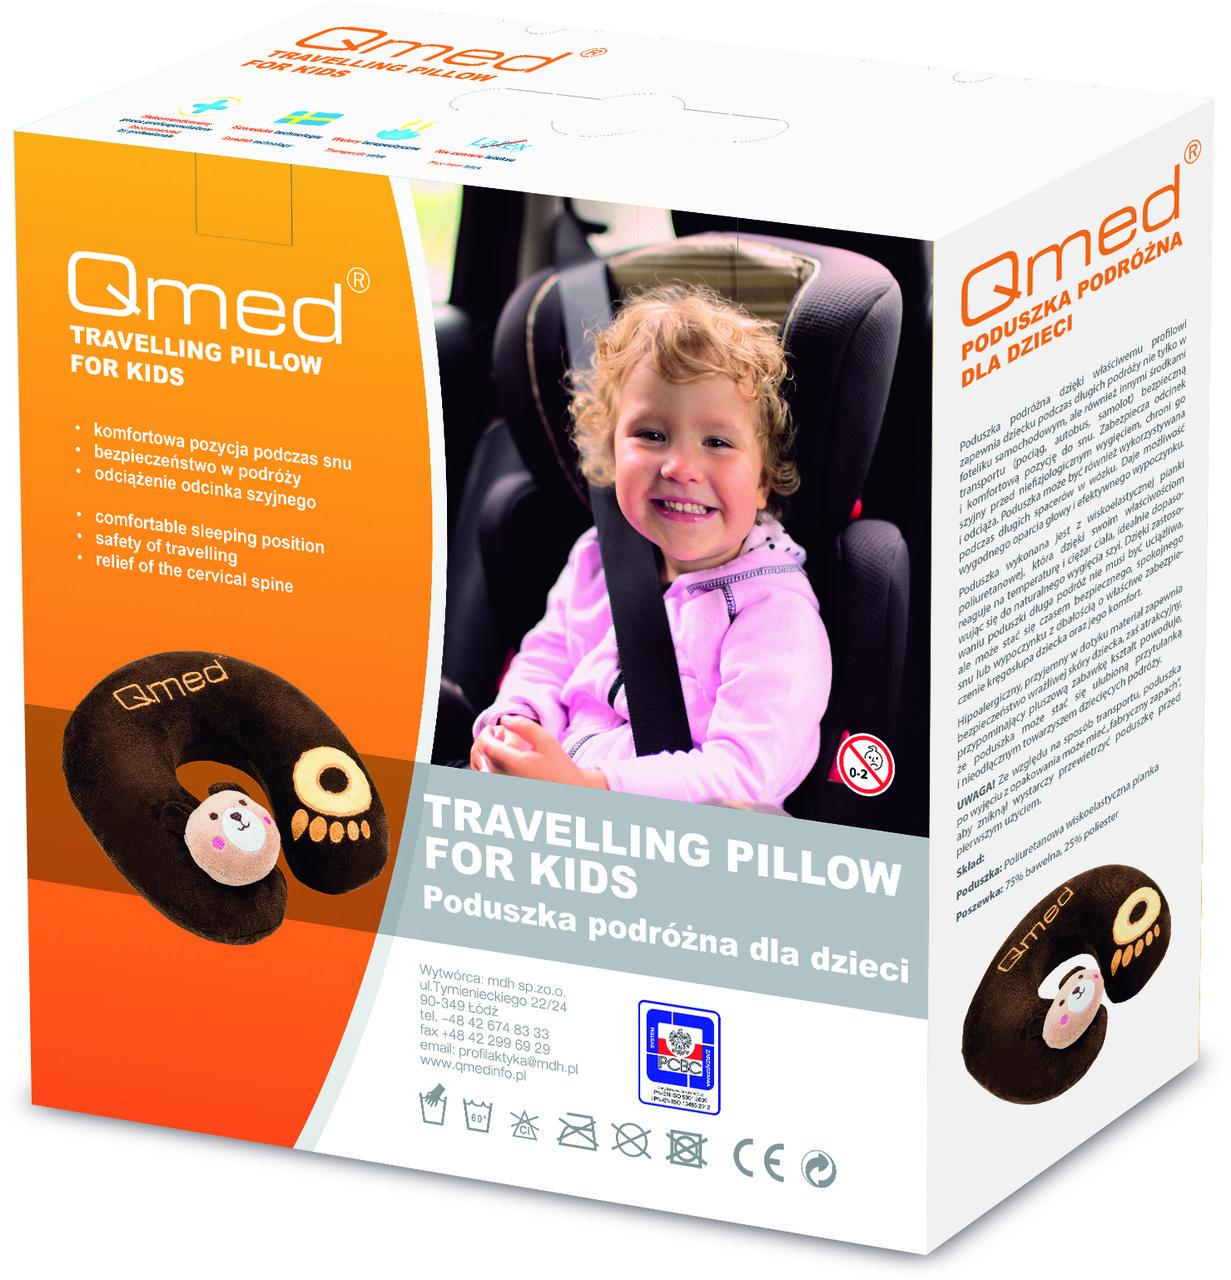 Qmed Travelling Kid Pillow - Дорожная подушка для путешествий, детская